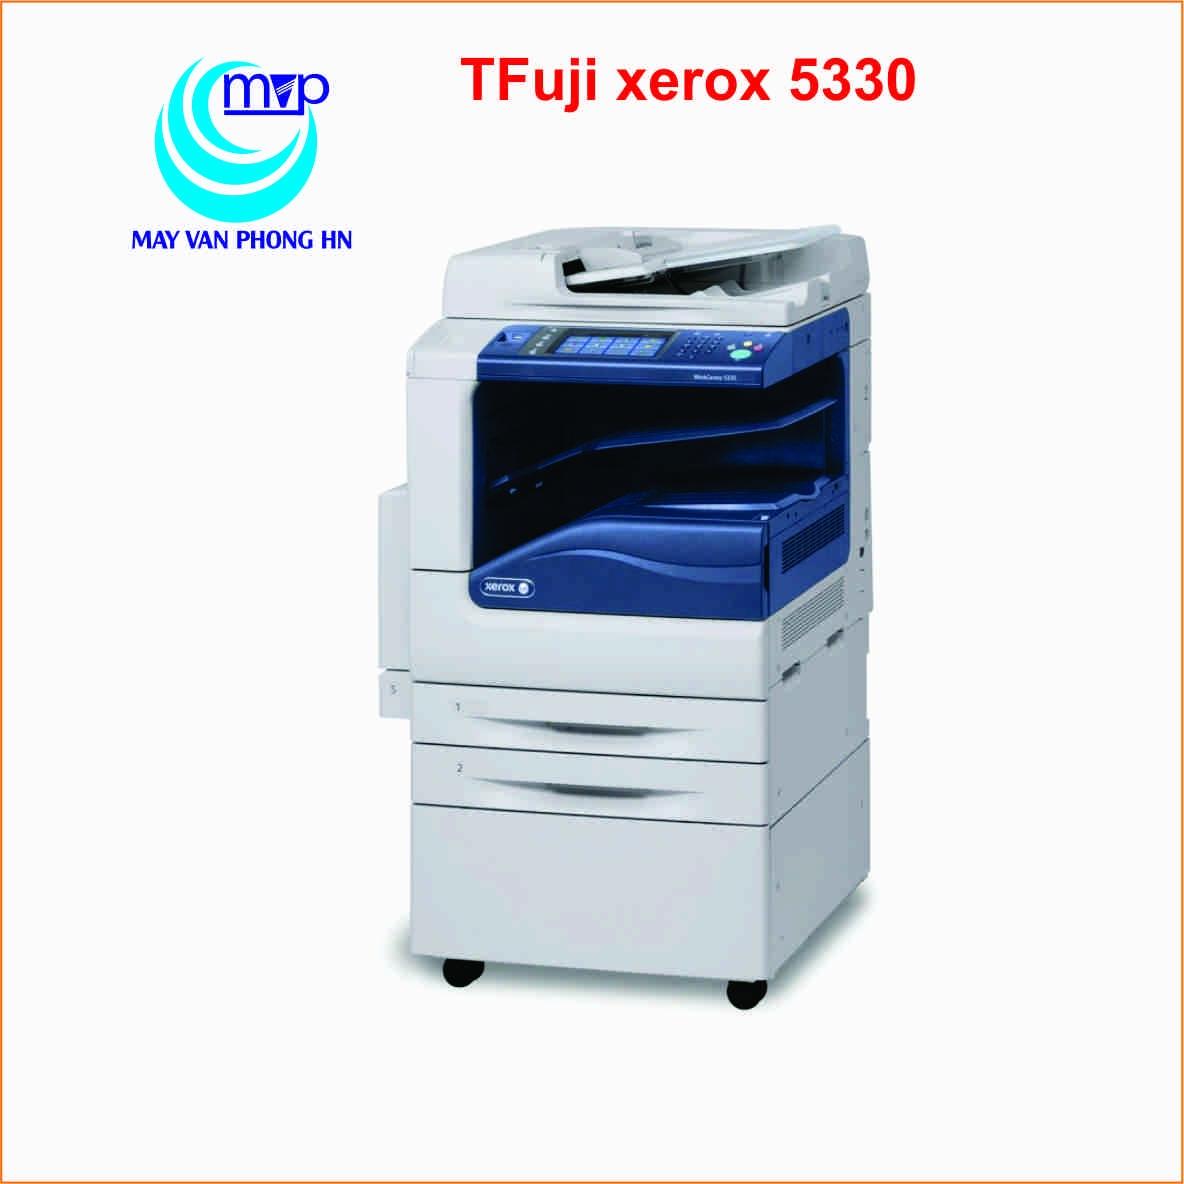 Fuji xerox 5330